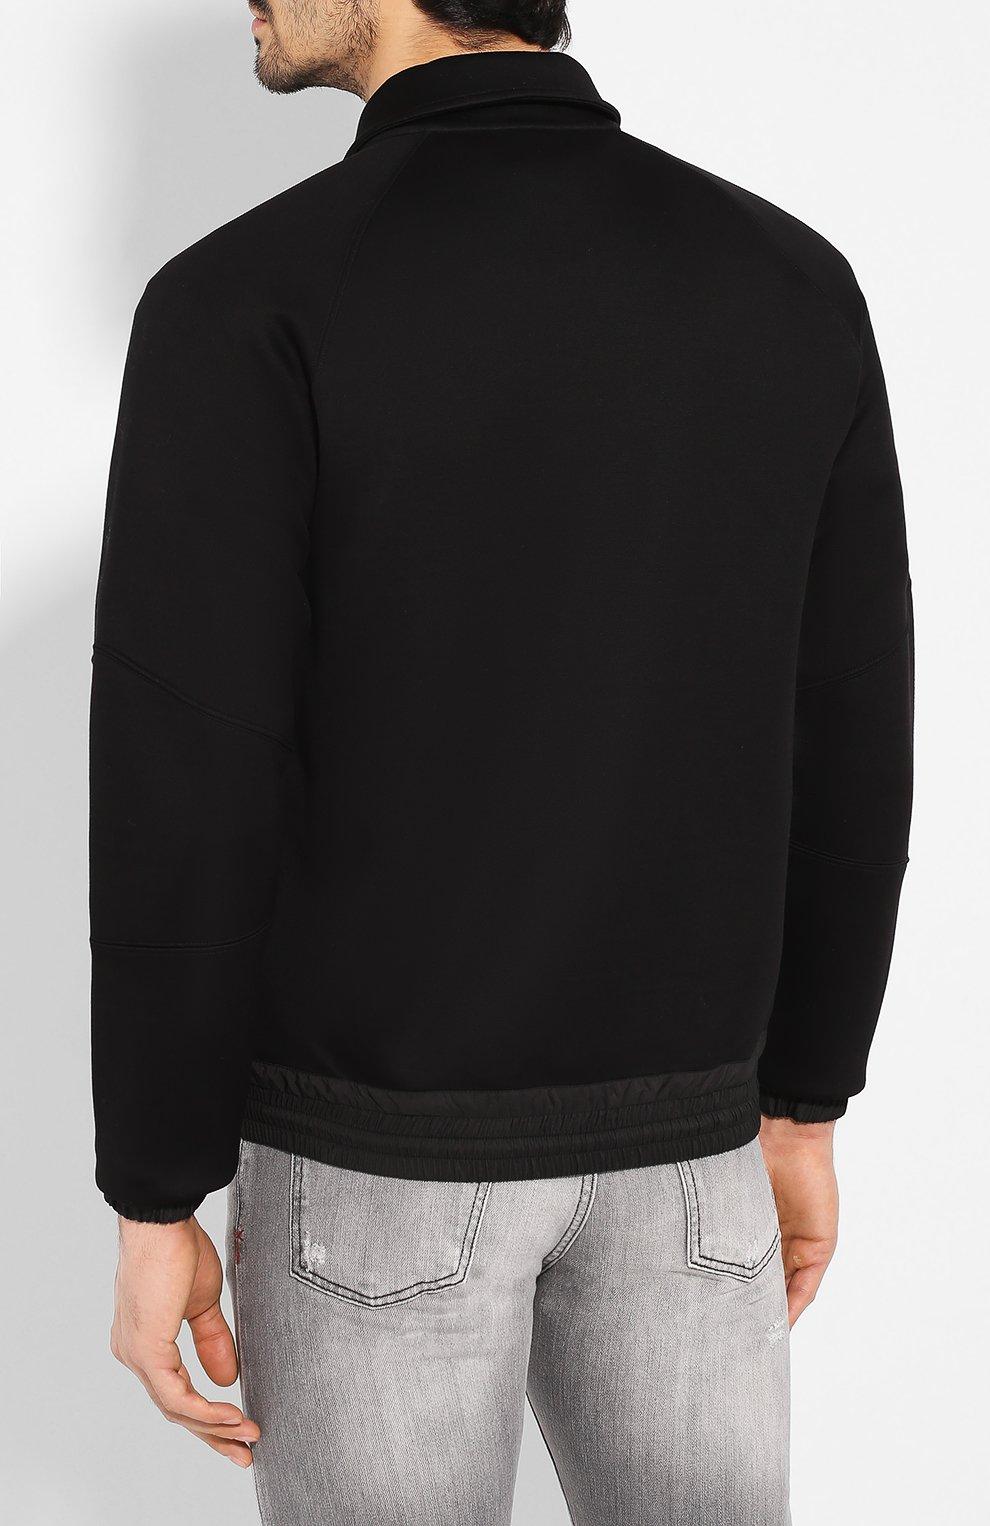 Мужской бомбер ZEGNA COUTURE черного цвета, арт. CUCJ01/7UJ60   Фото 4 (Кросс-КТ: Куртка; Рукава: Длинные; Принт: Без принта; Материал внешний: Синтетический материал, Хлопок; Мужское Кросс-КТ: Верхняя одежда; Длина (верхняя одежда): Короткие; Стили: Кэжуэл)